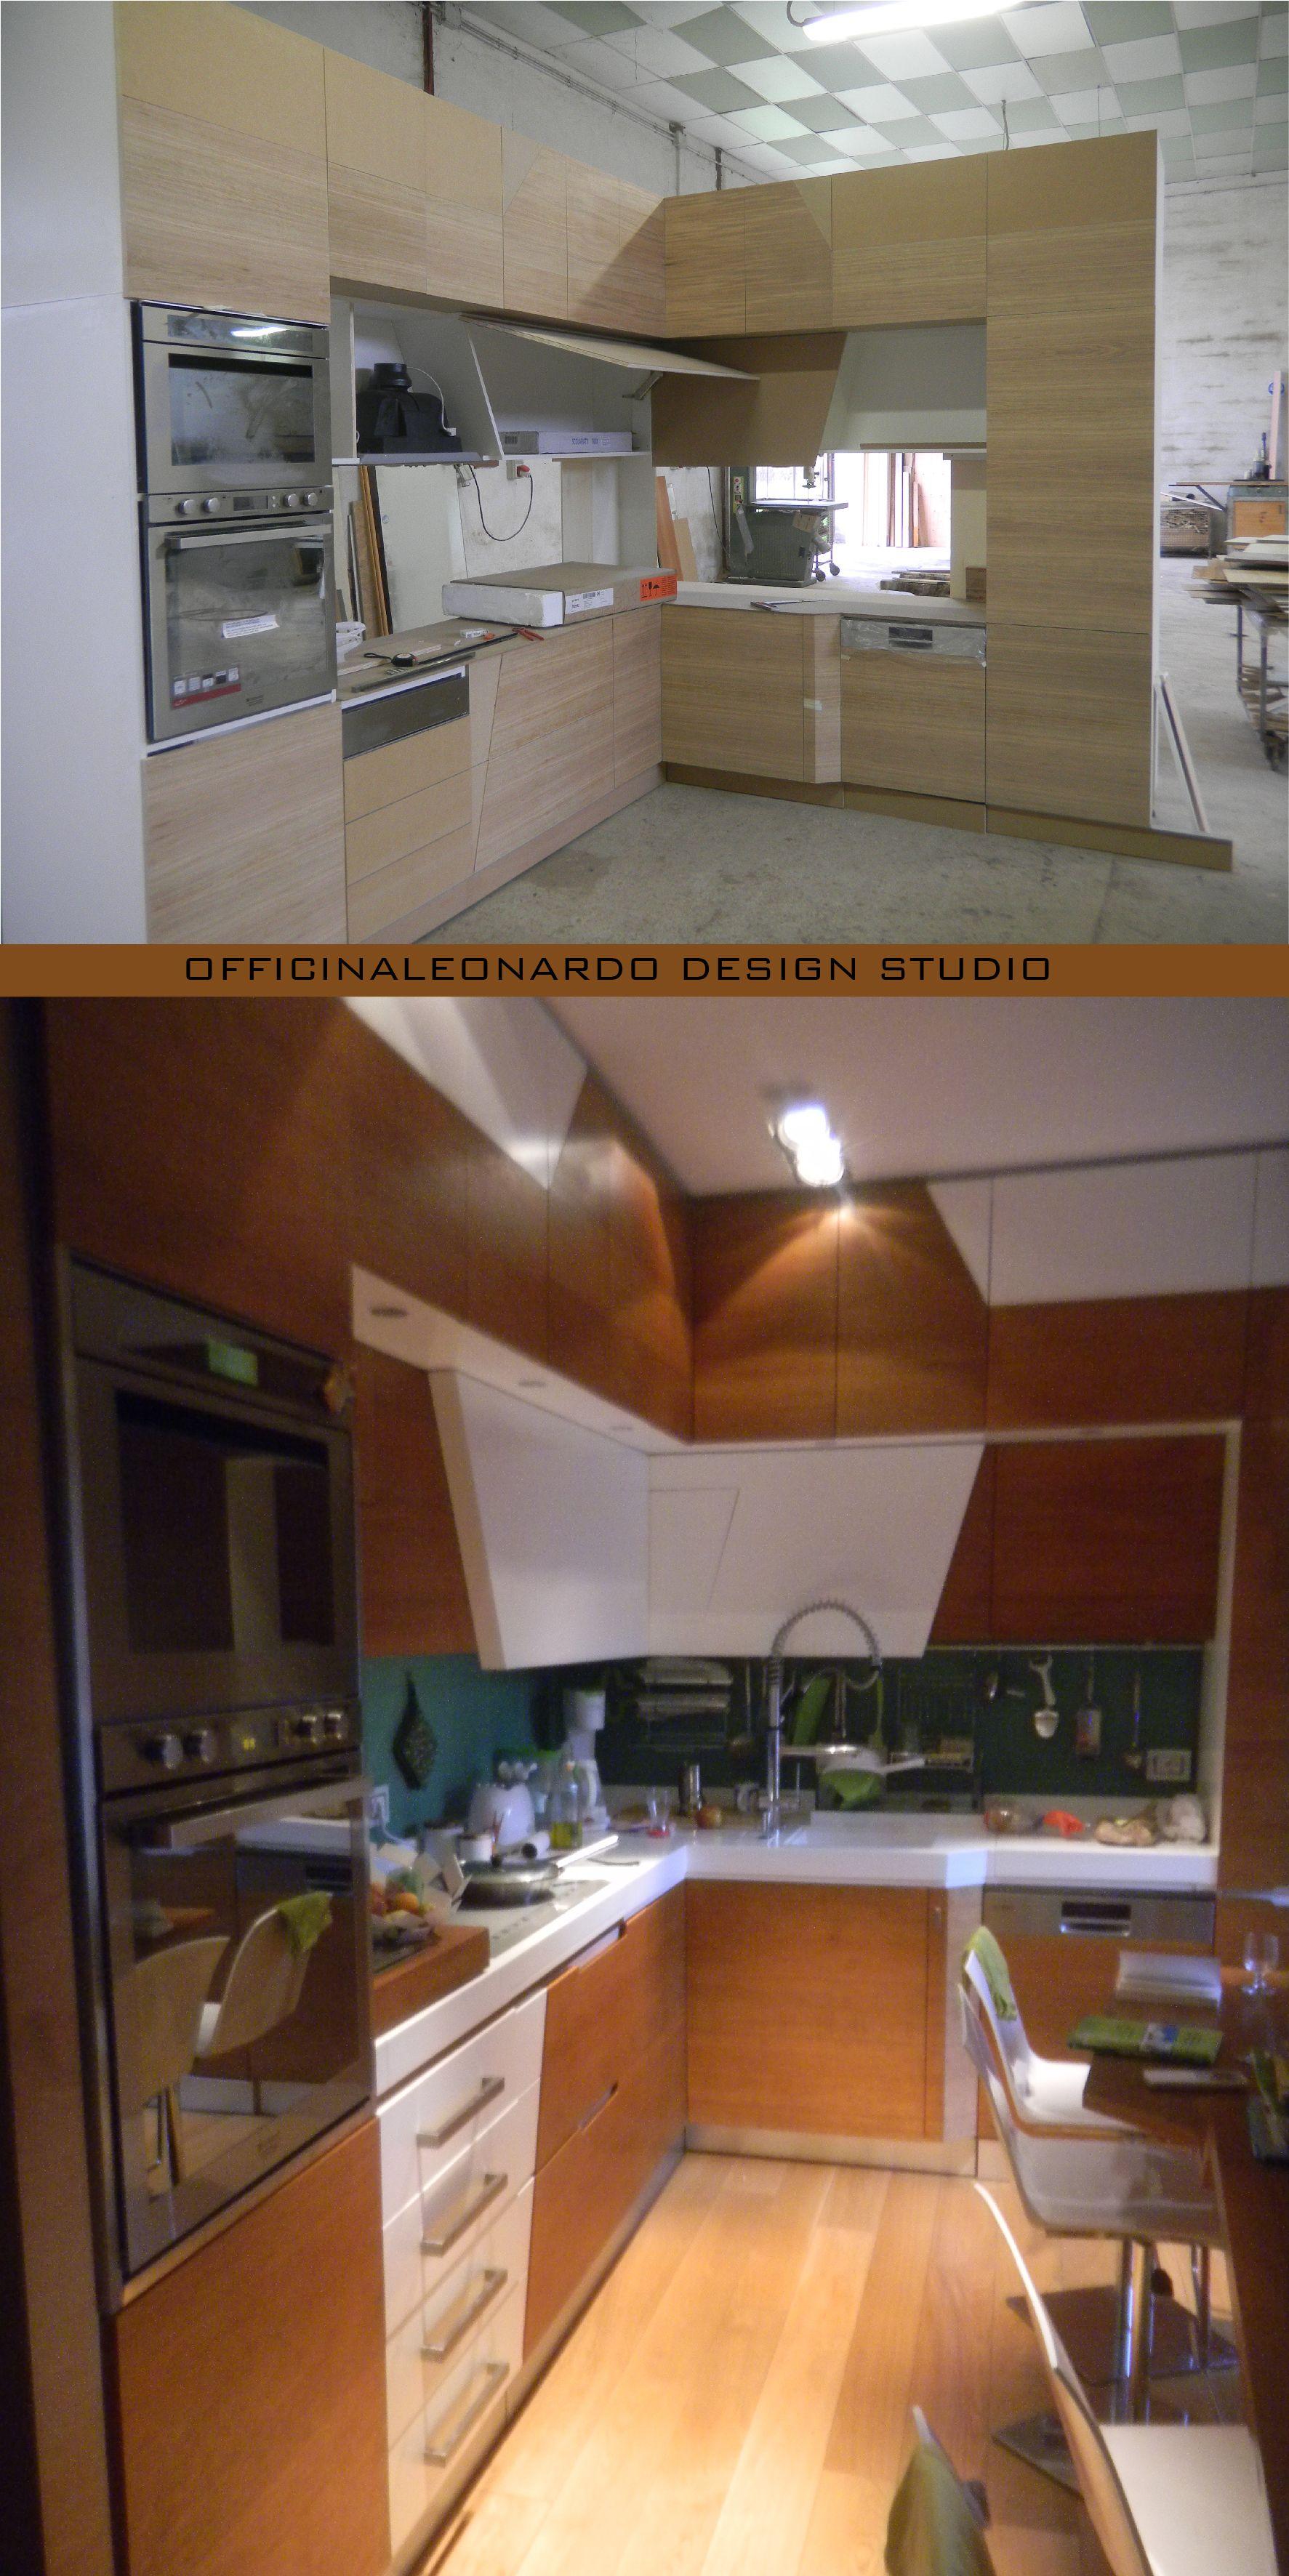 Cucina Su Misura Falegname cucina ad angolo su misura realizzata in falegnameria; i